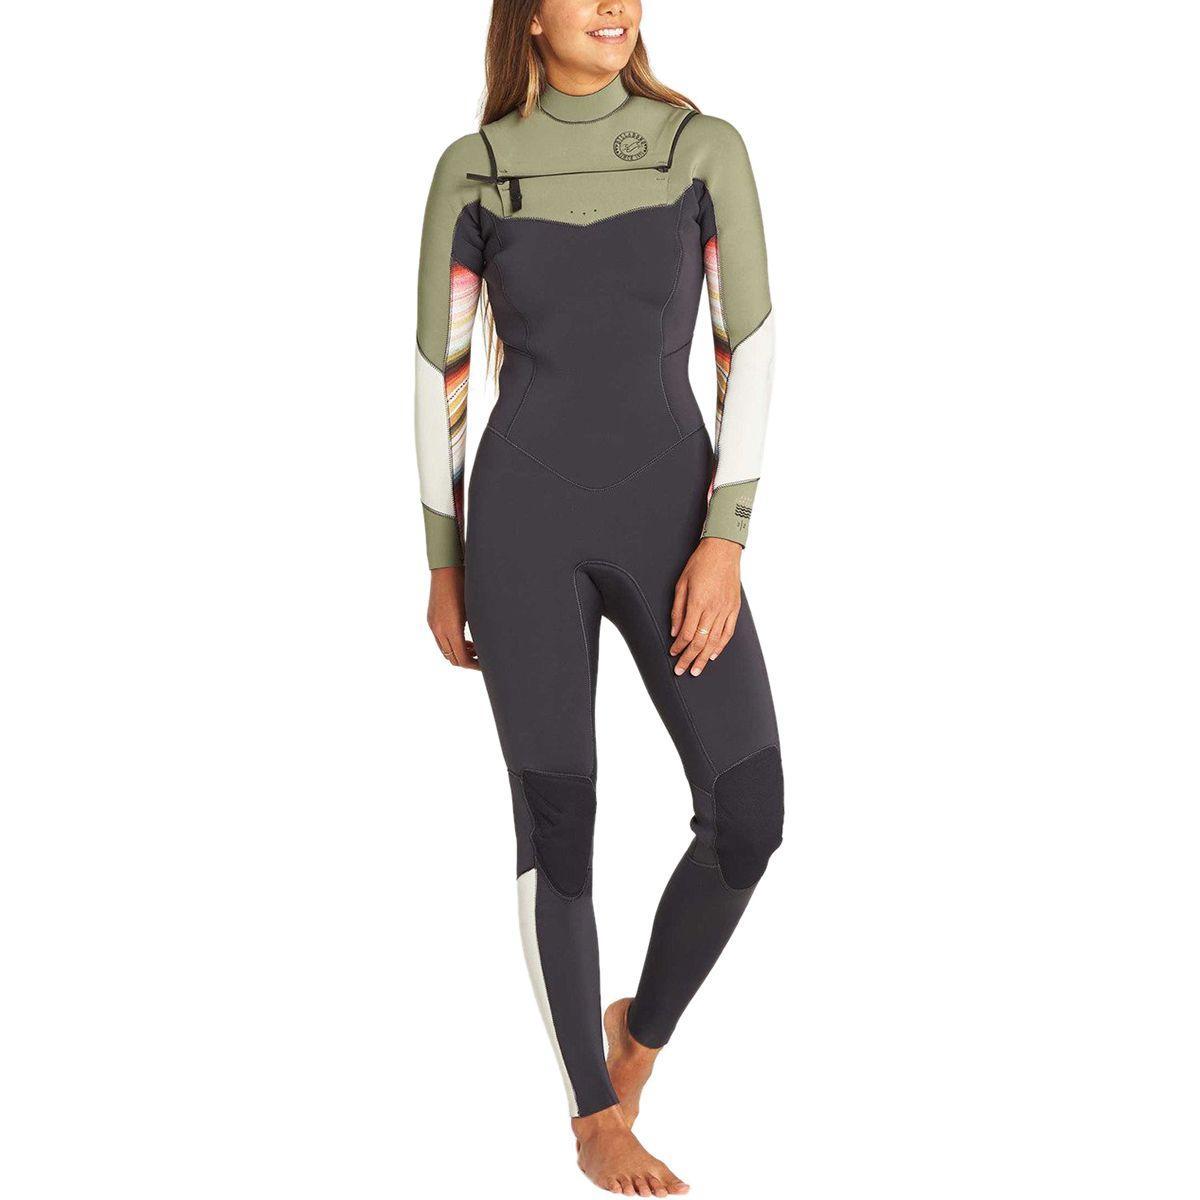 Billabong. Women s 3 2 Salty Dayz Chest-zip Full Wetsuit 02a654ef9